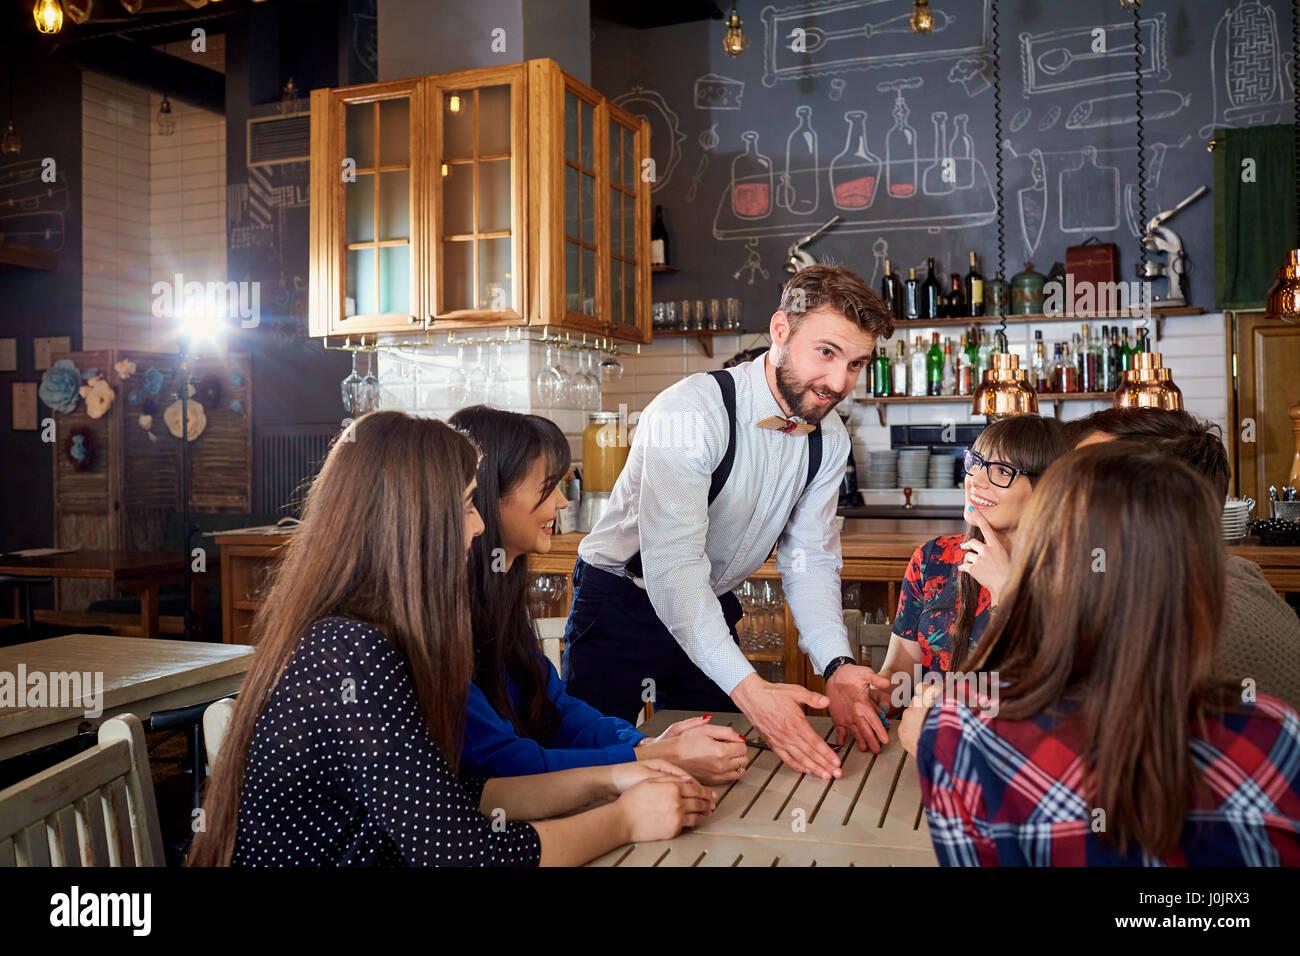 Comunicación de amigos a la mesa en el bar cafetería Imagen De Stock